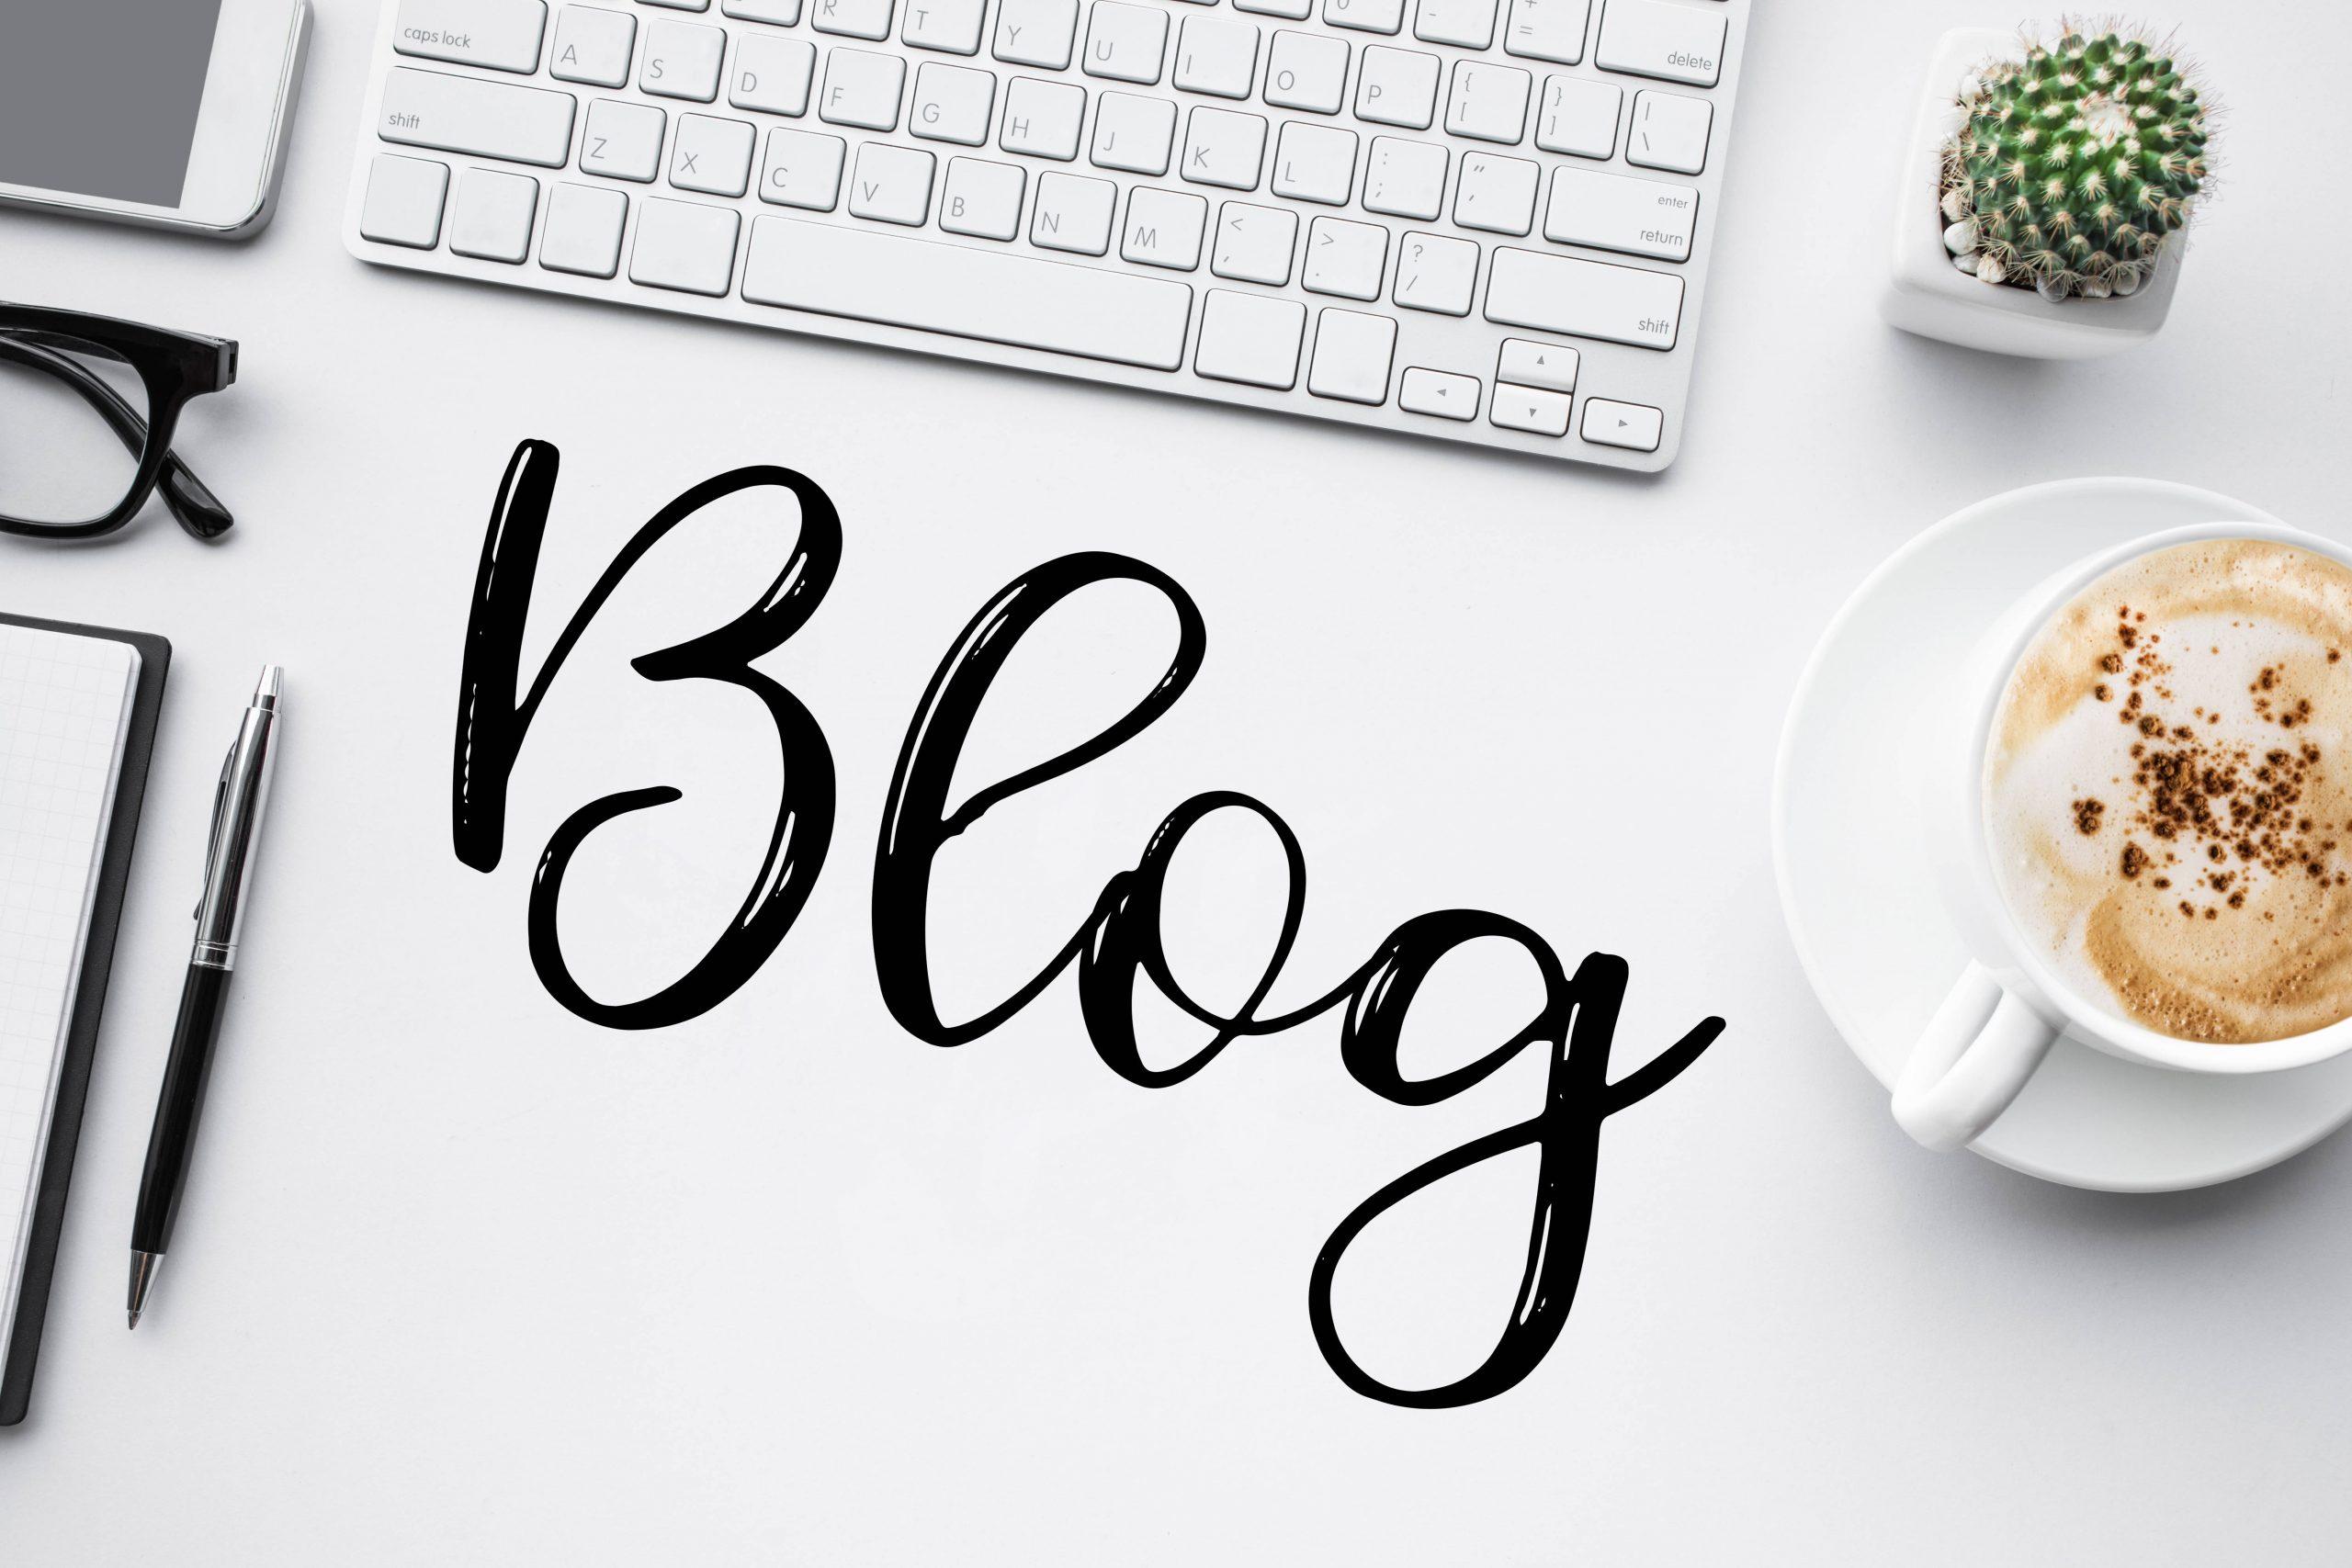 El blog corporativo, una forma muy eficaz de comunicarse con el cliente